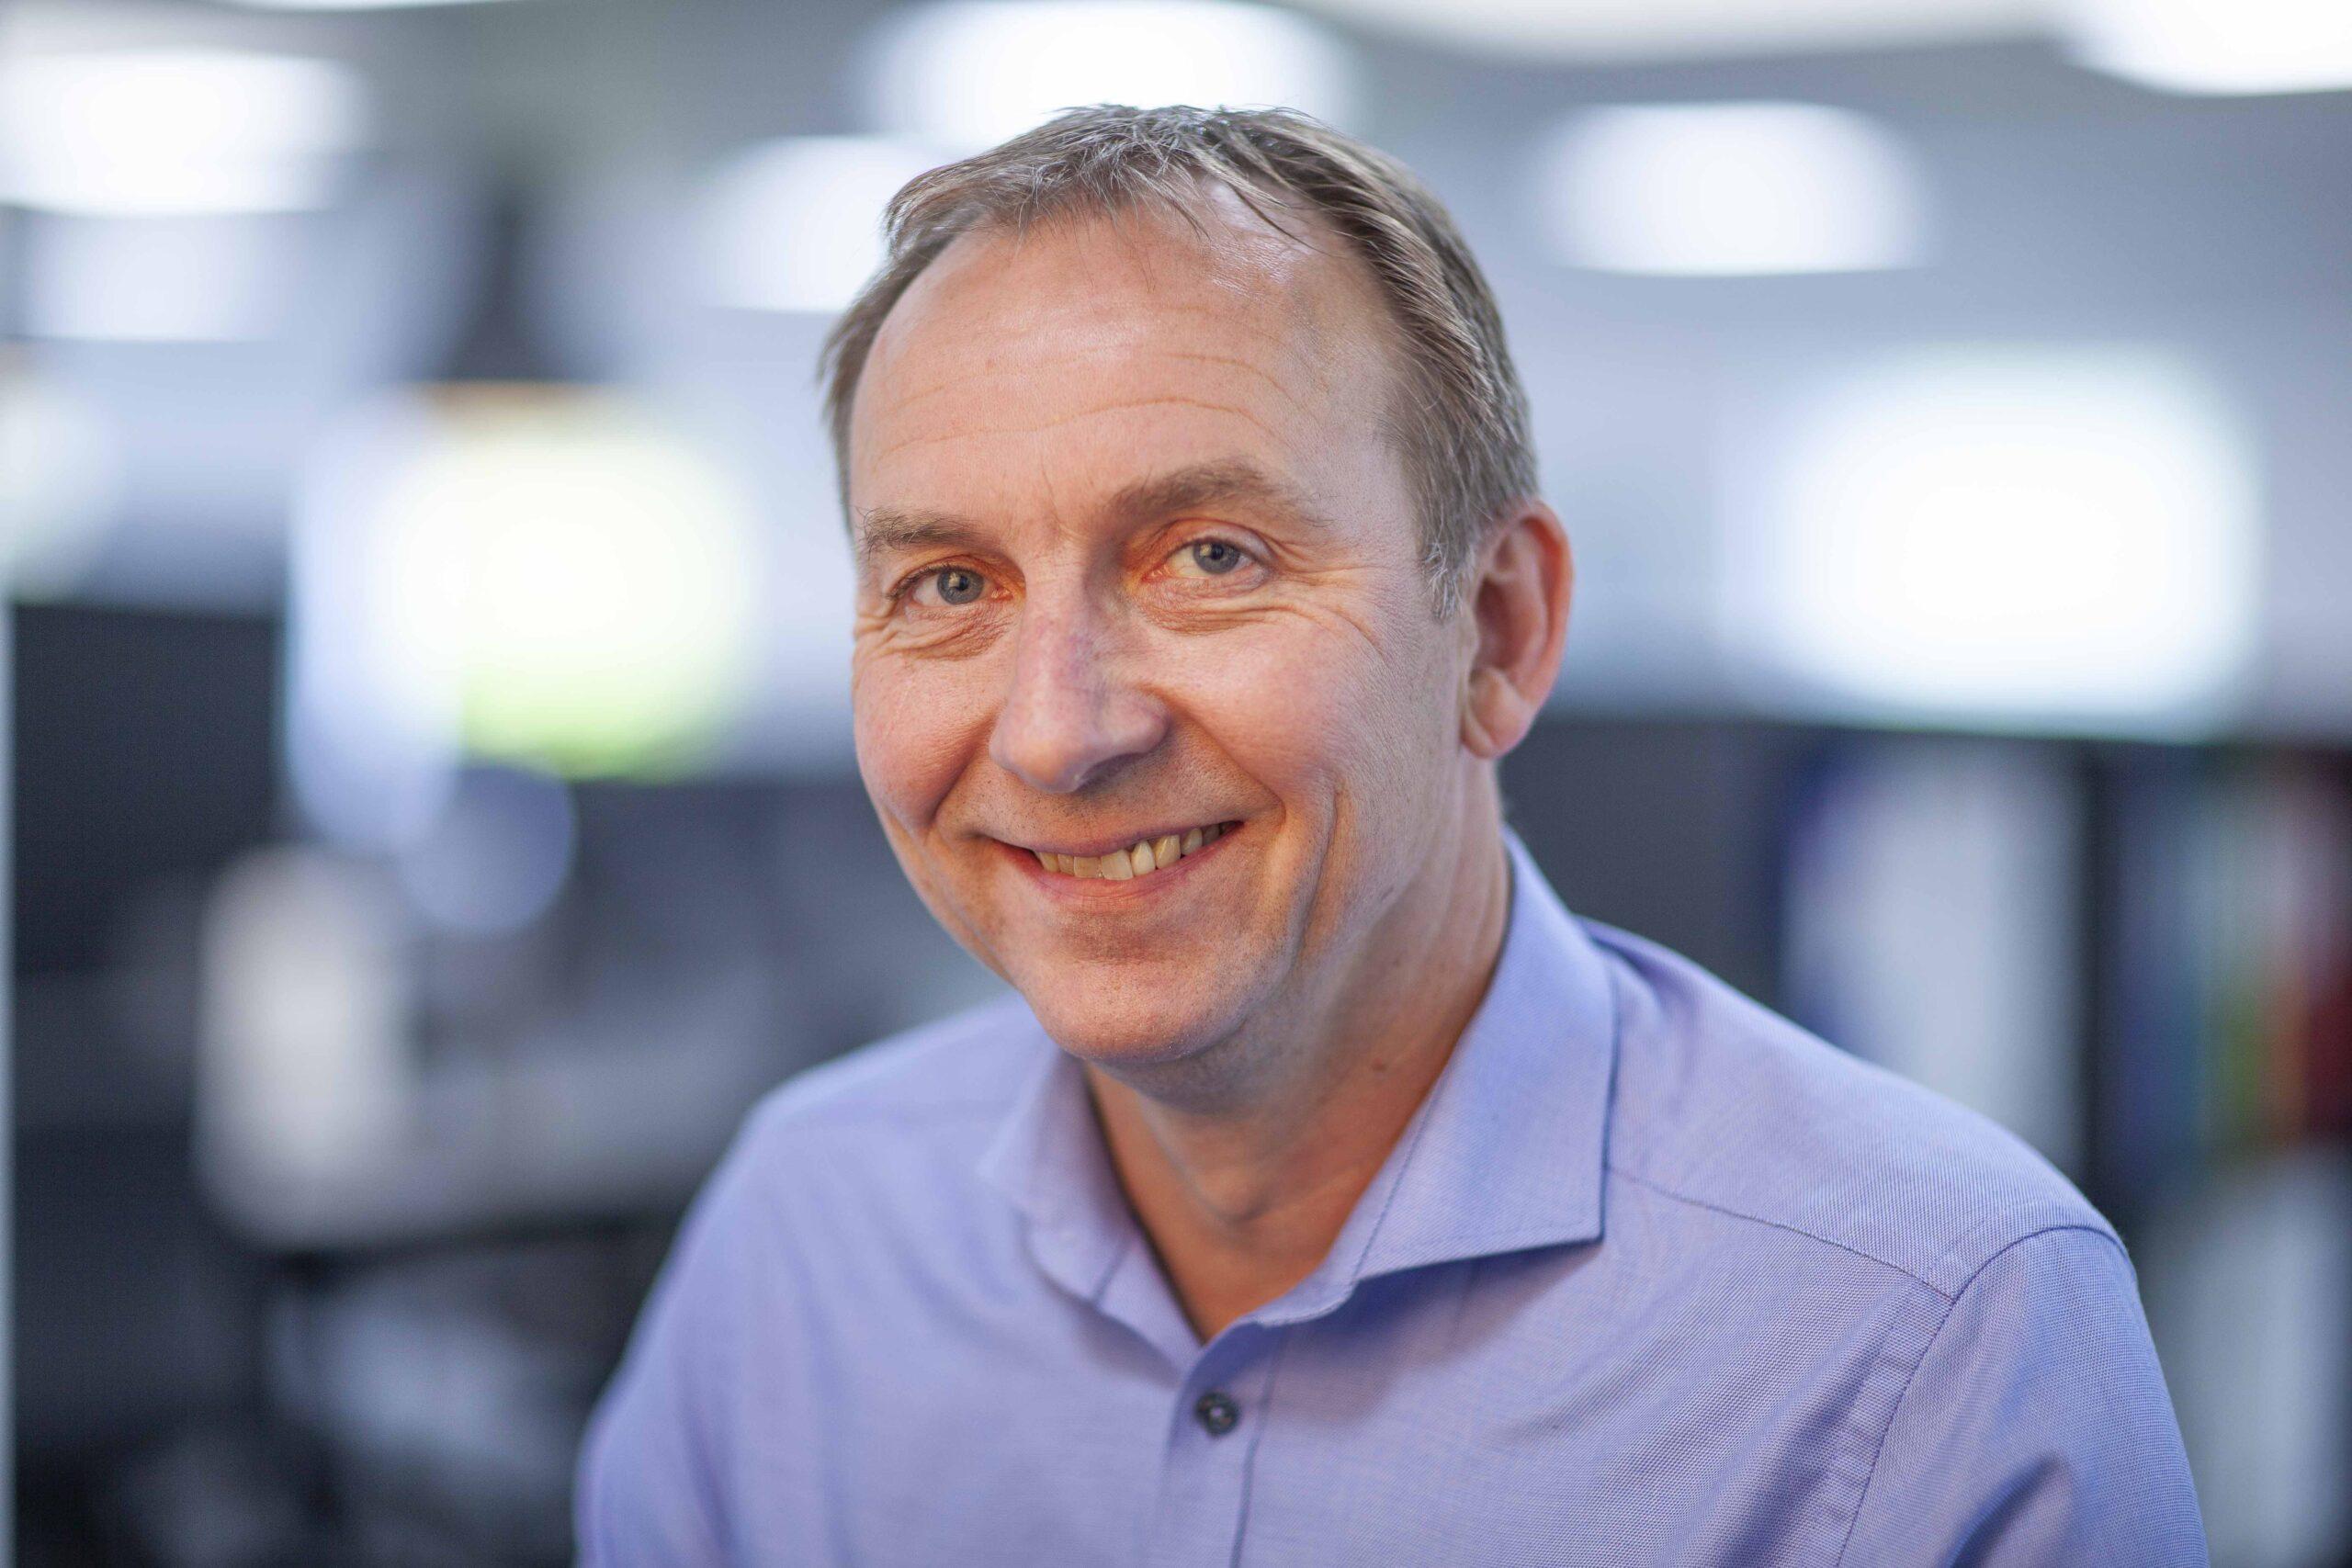 Henrik Andersen (HA)